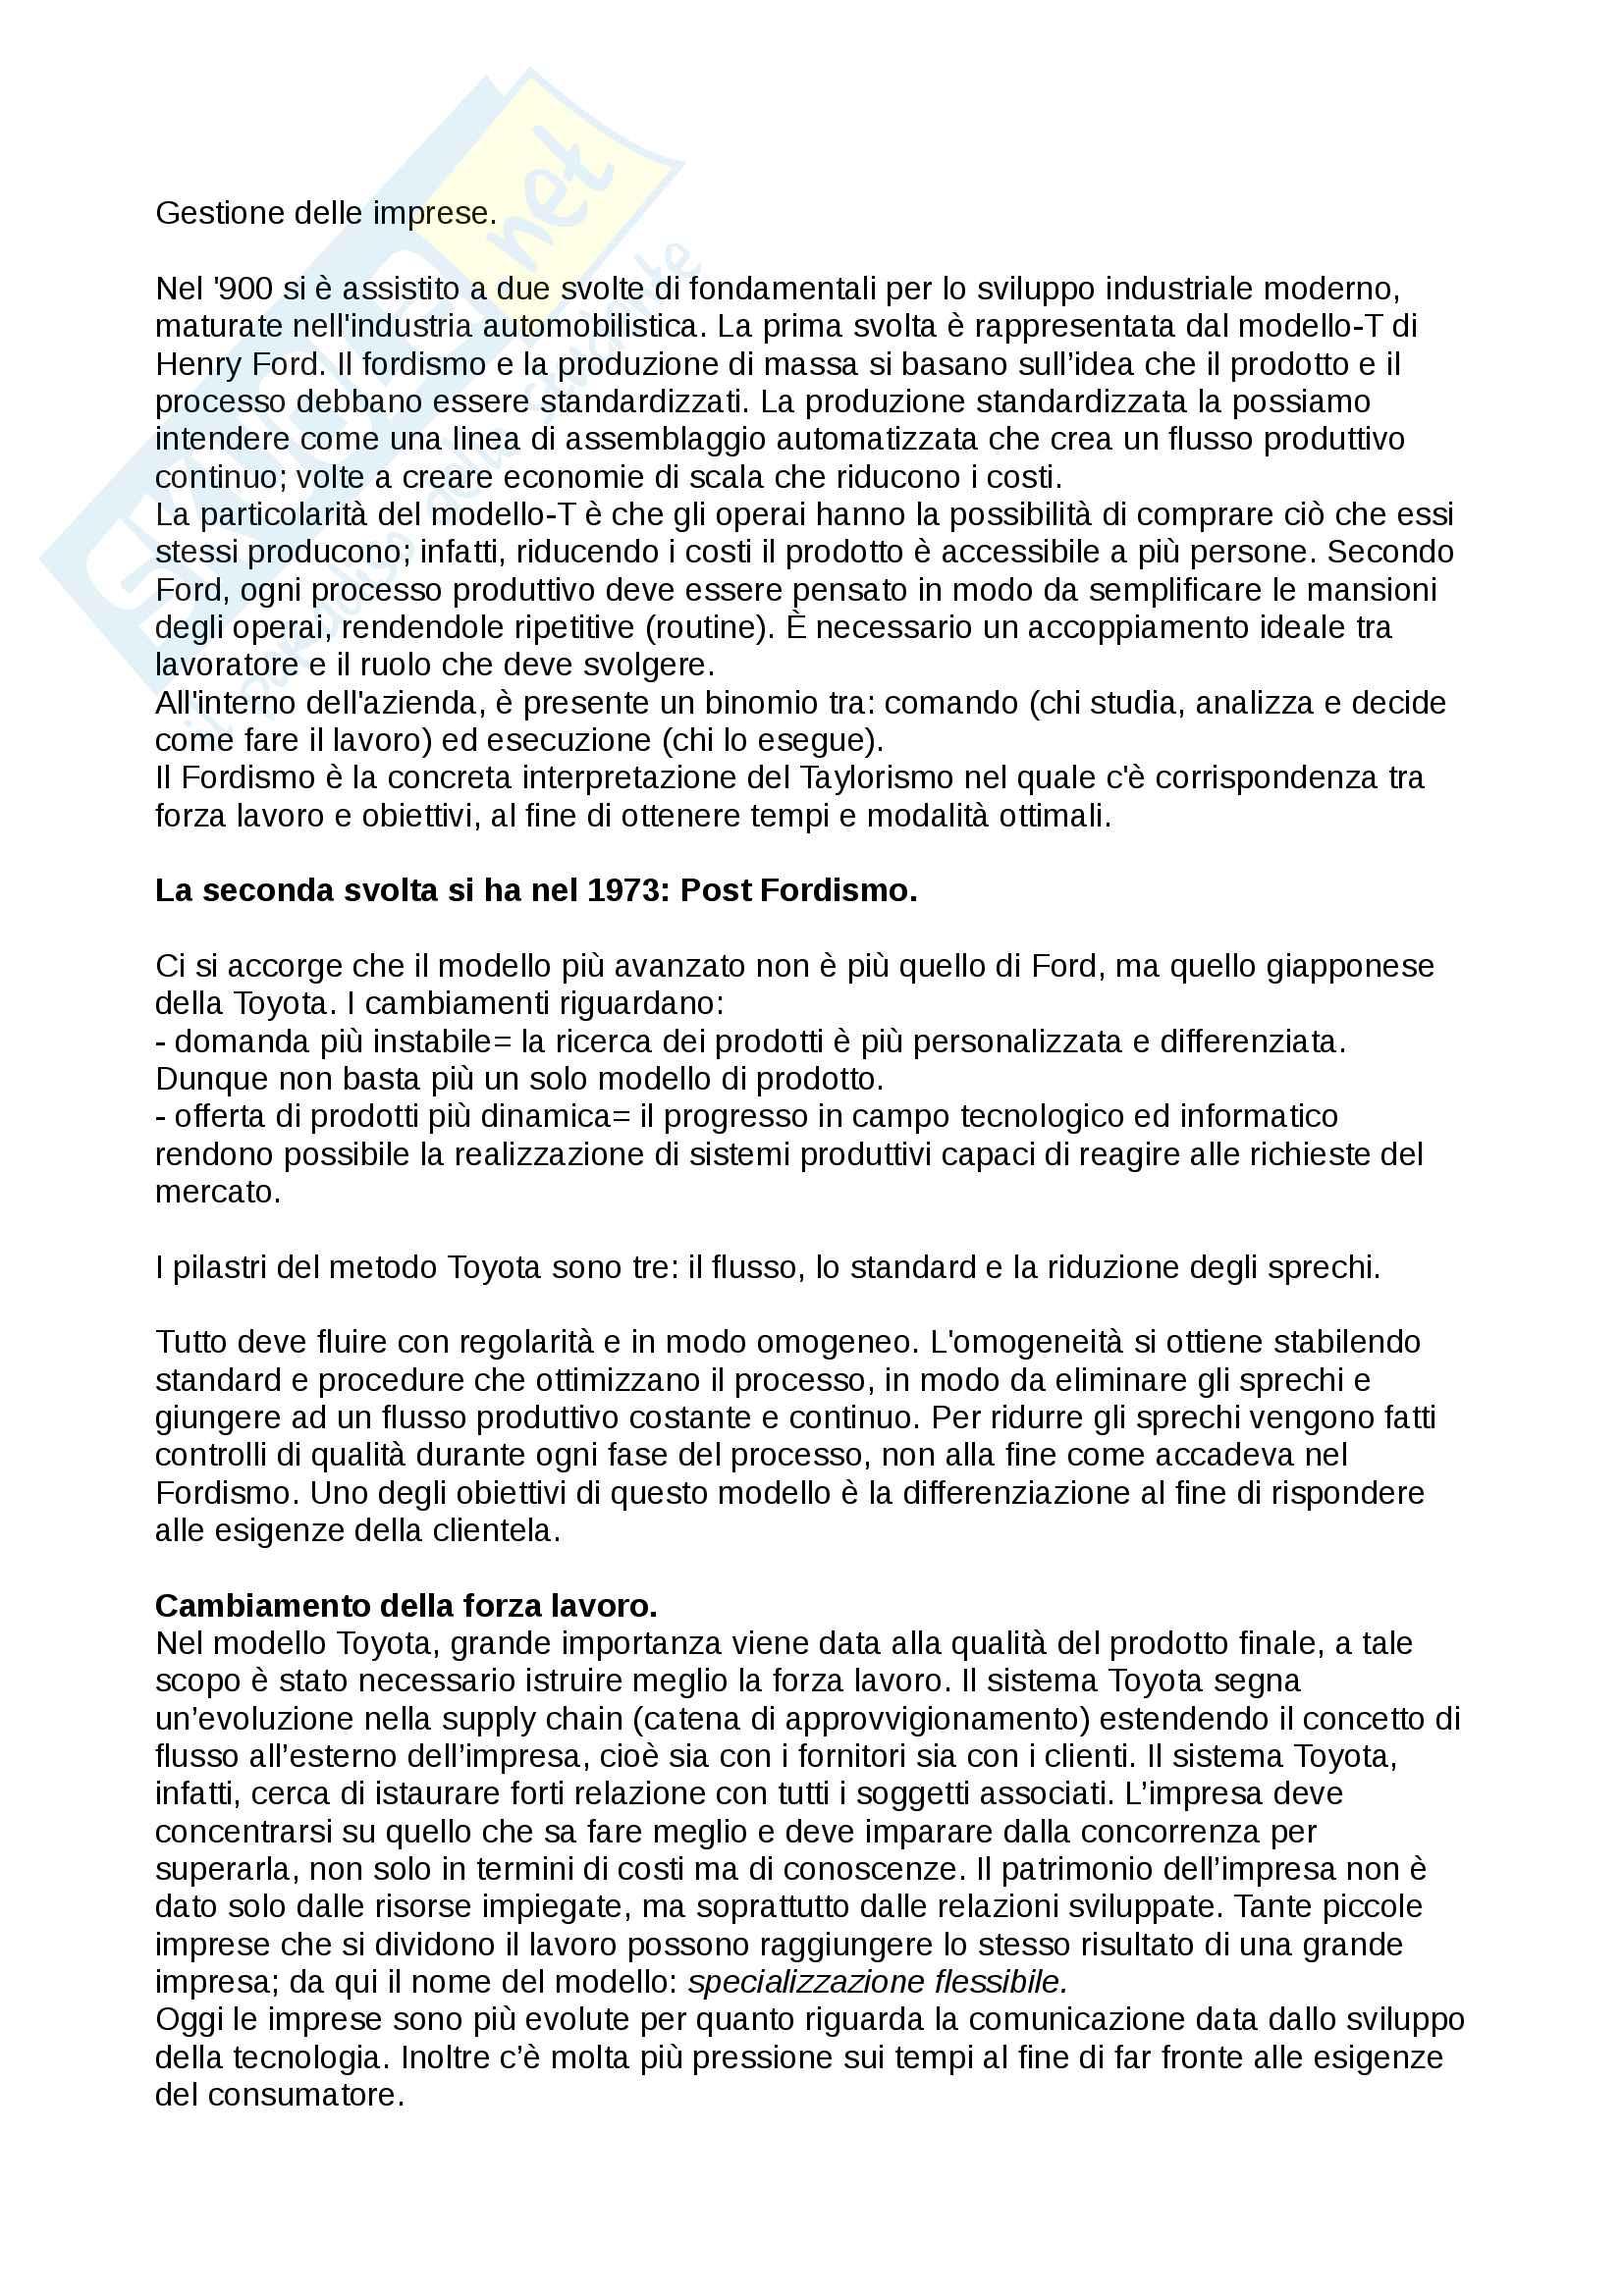 """Riassunto esame economia e gestione d'impresa (EGI), prof. Crespi, Serio e Baroncelli. Libri consigliati:""""Economia e gestione delle imprese"""" e """"Operations Management"""""""